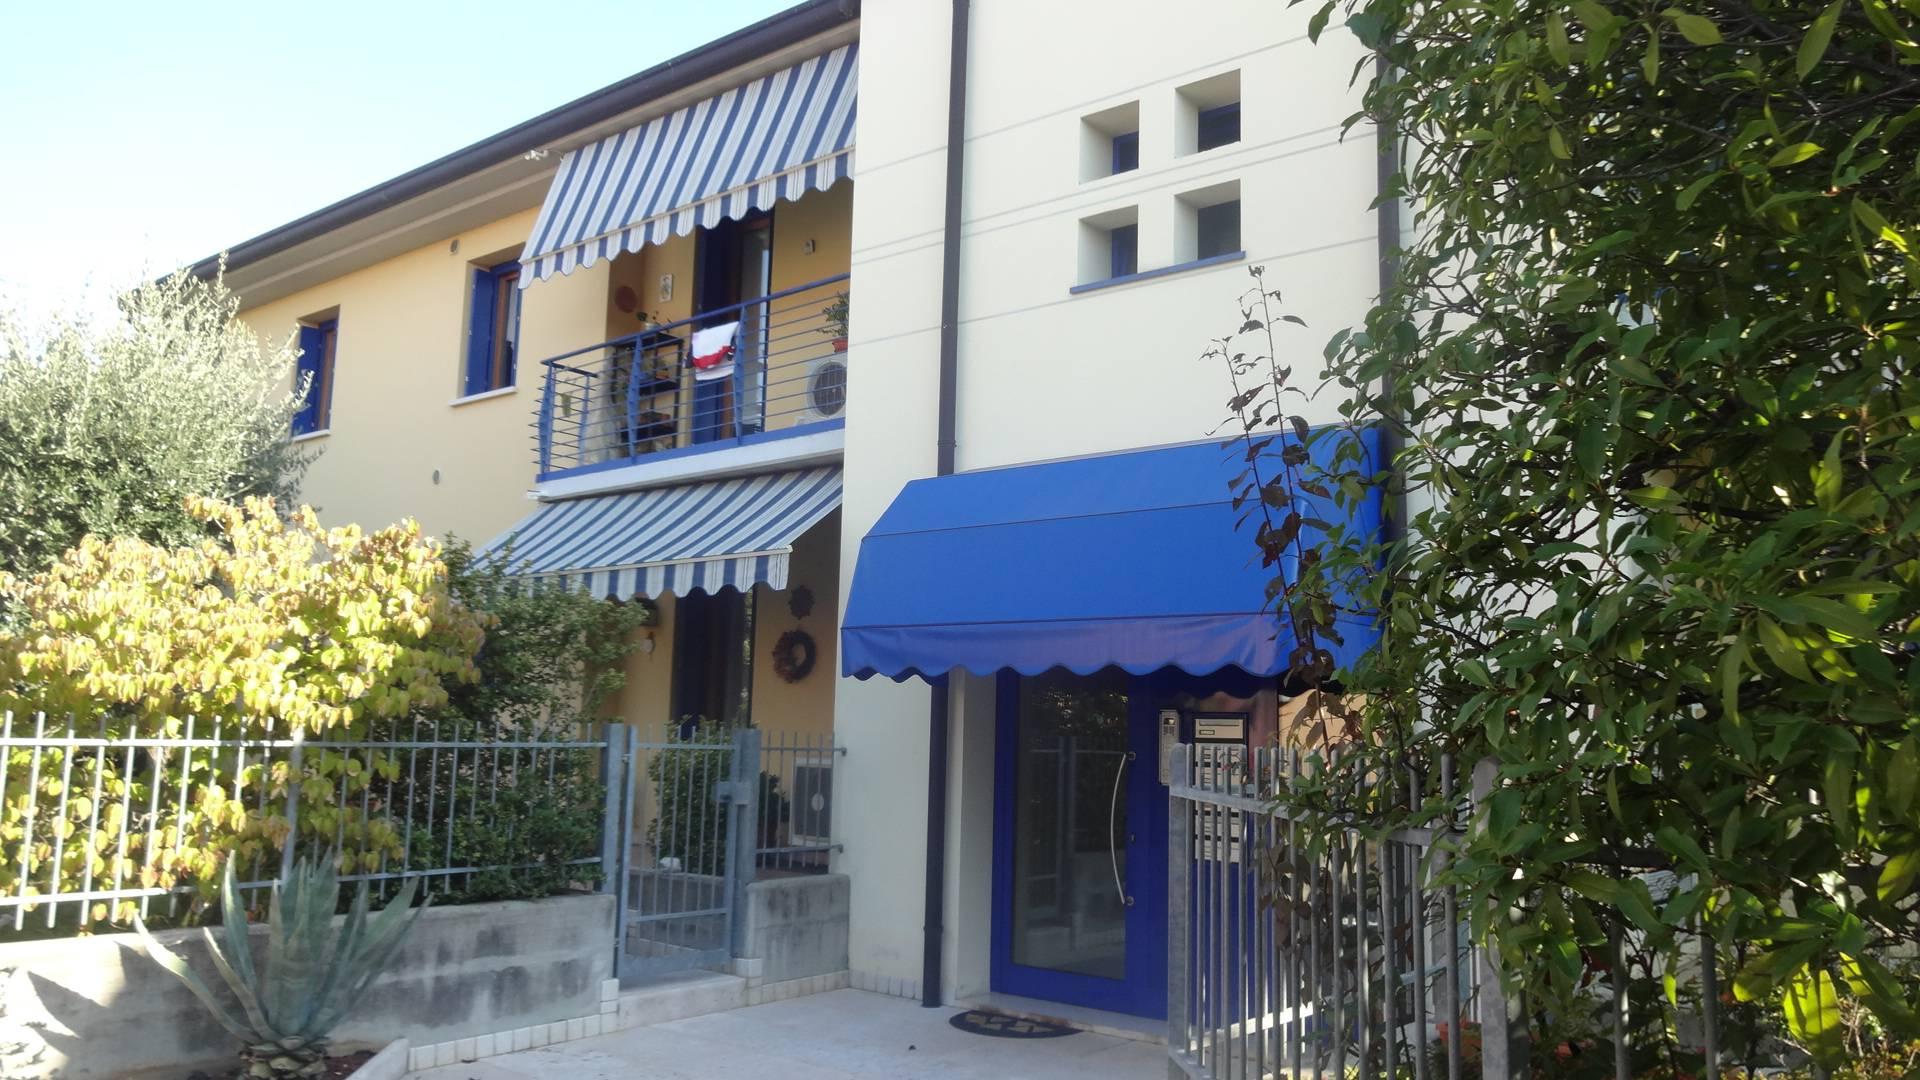 Appartamento in affitto a Montebelluna, 2 locali, zona Zona: Guarda, prezzo € 380 | Cambio Casa.it